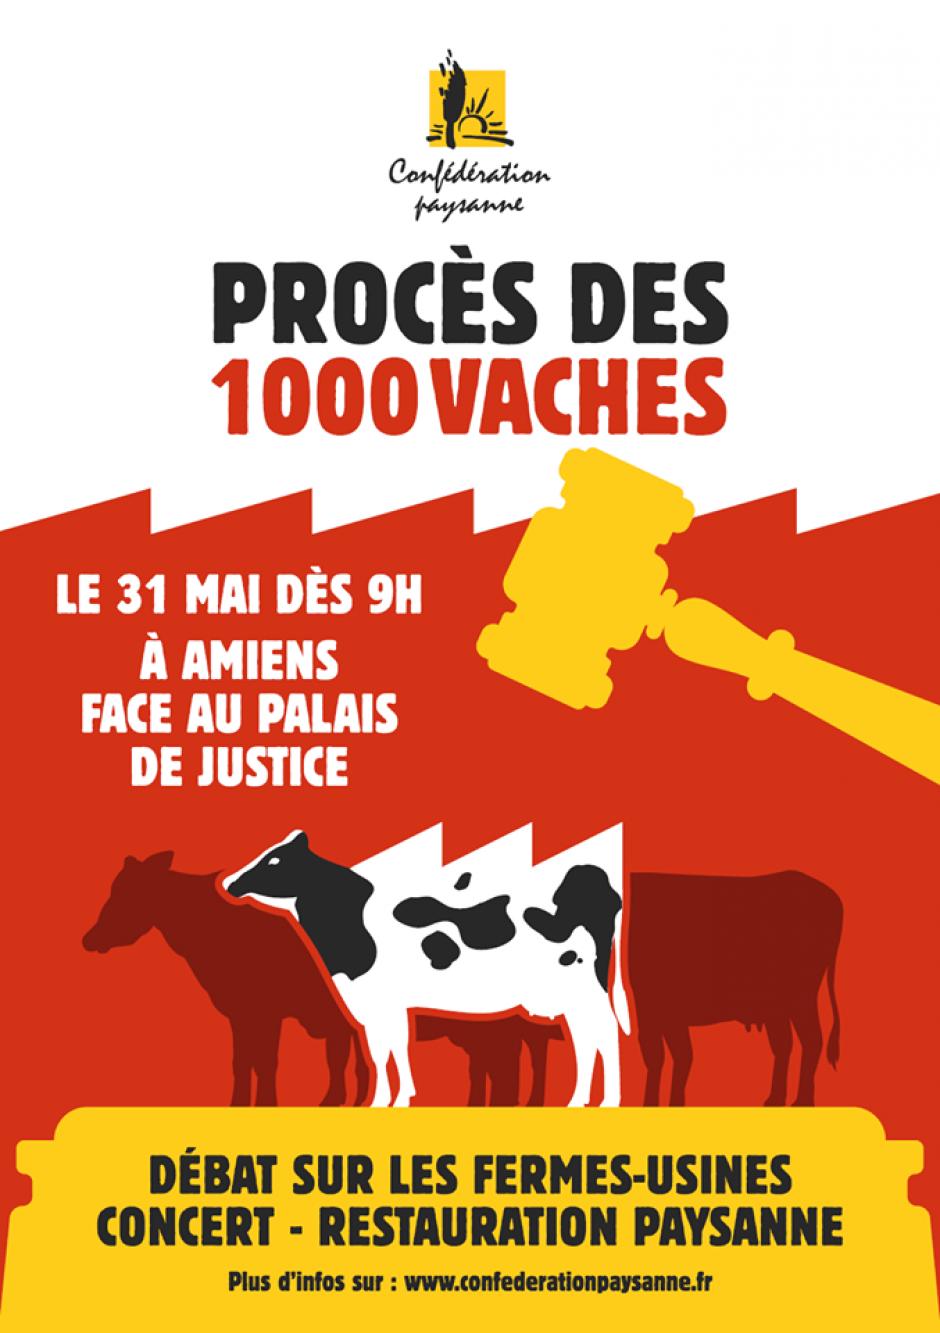 31 mai, Amiens - Confédération paysanne-Procès des Mille-Vaches